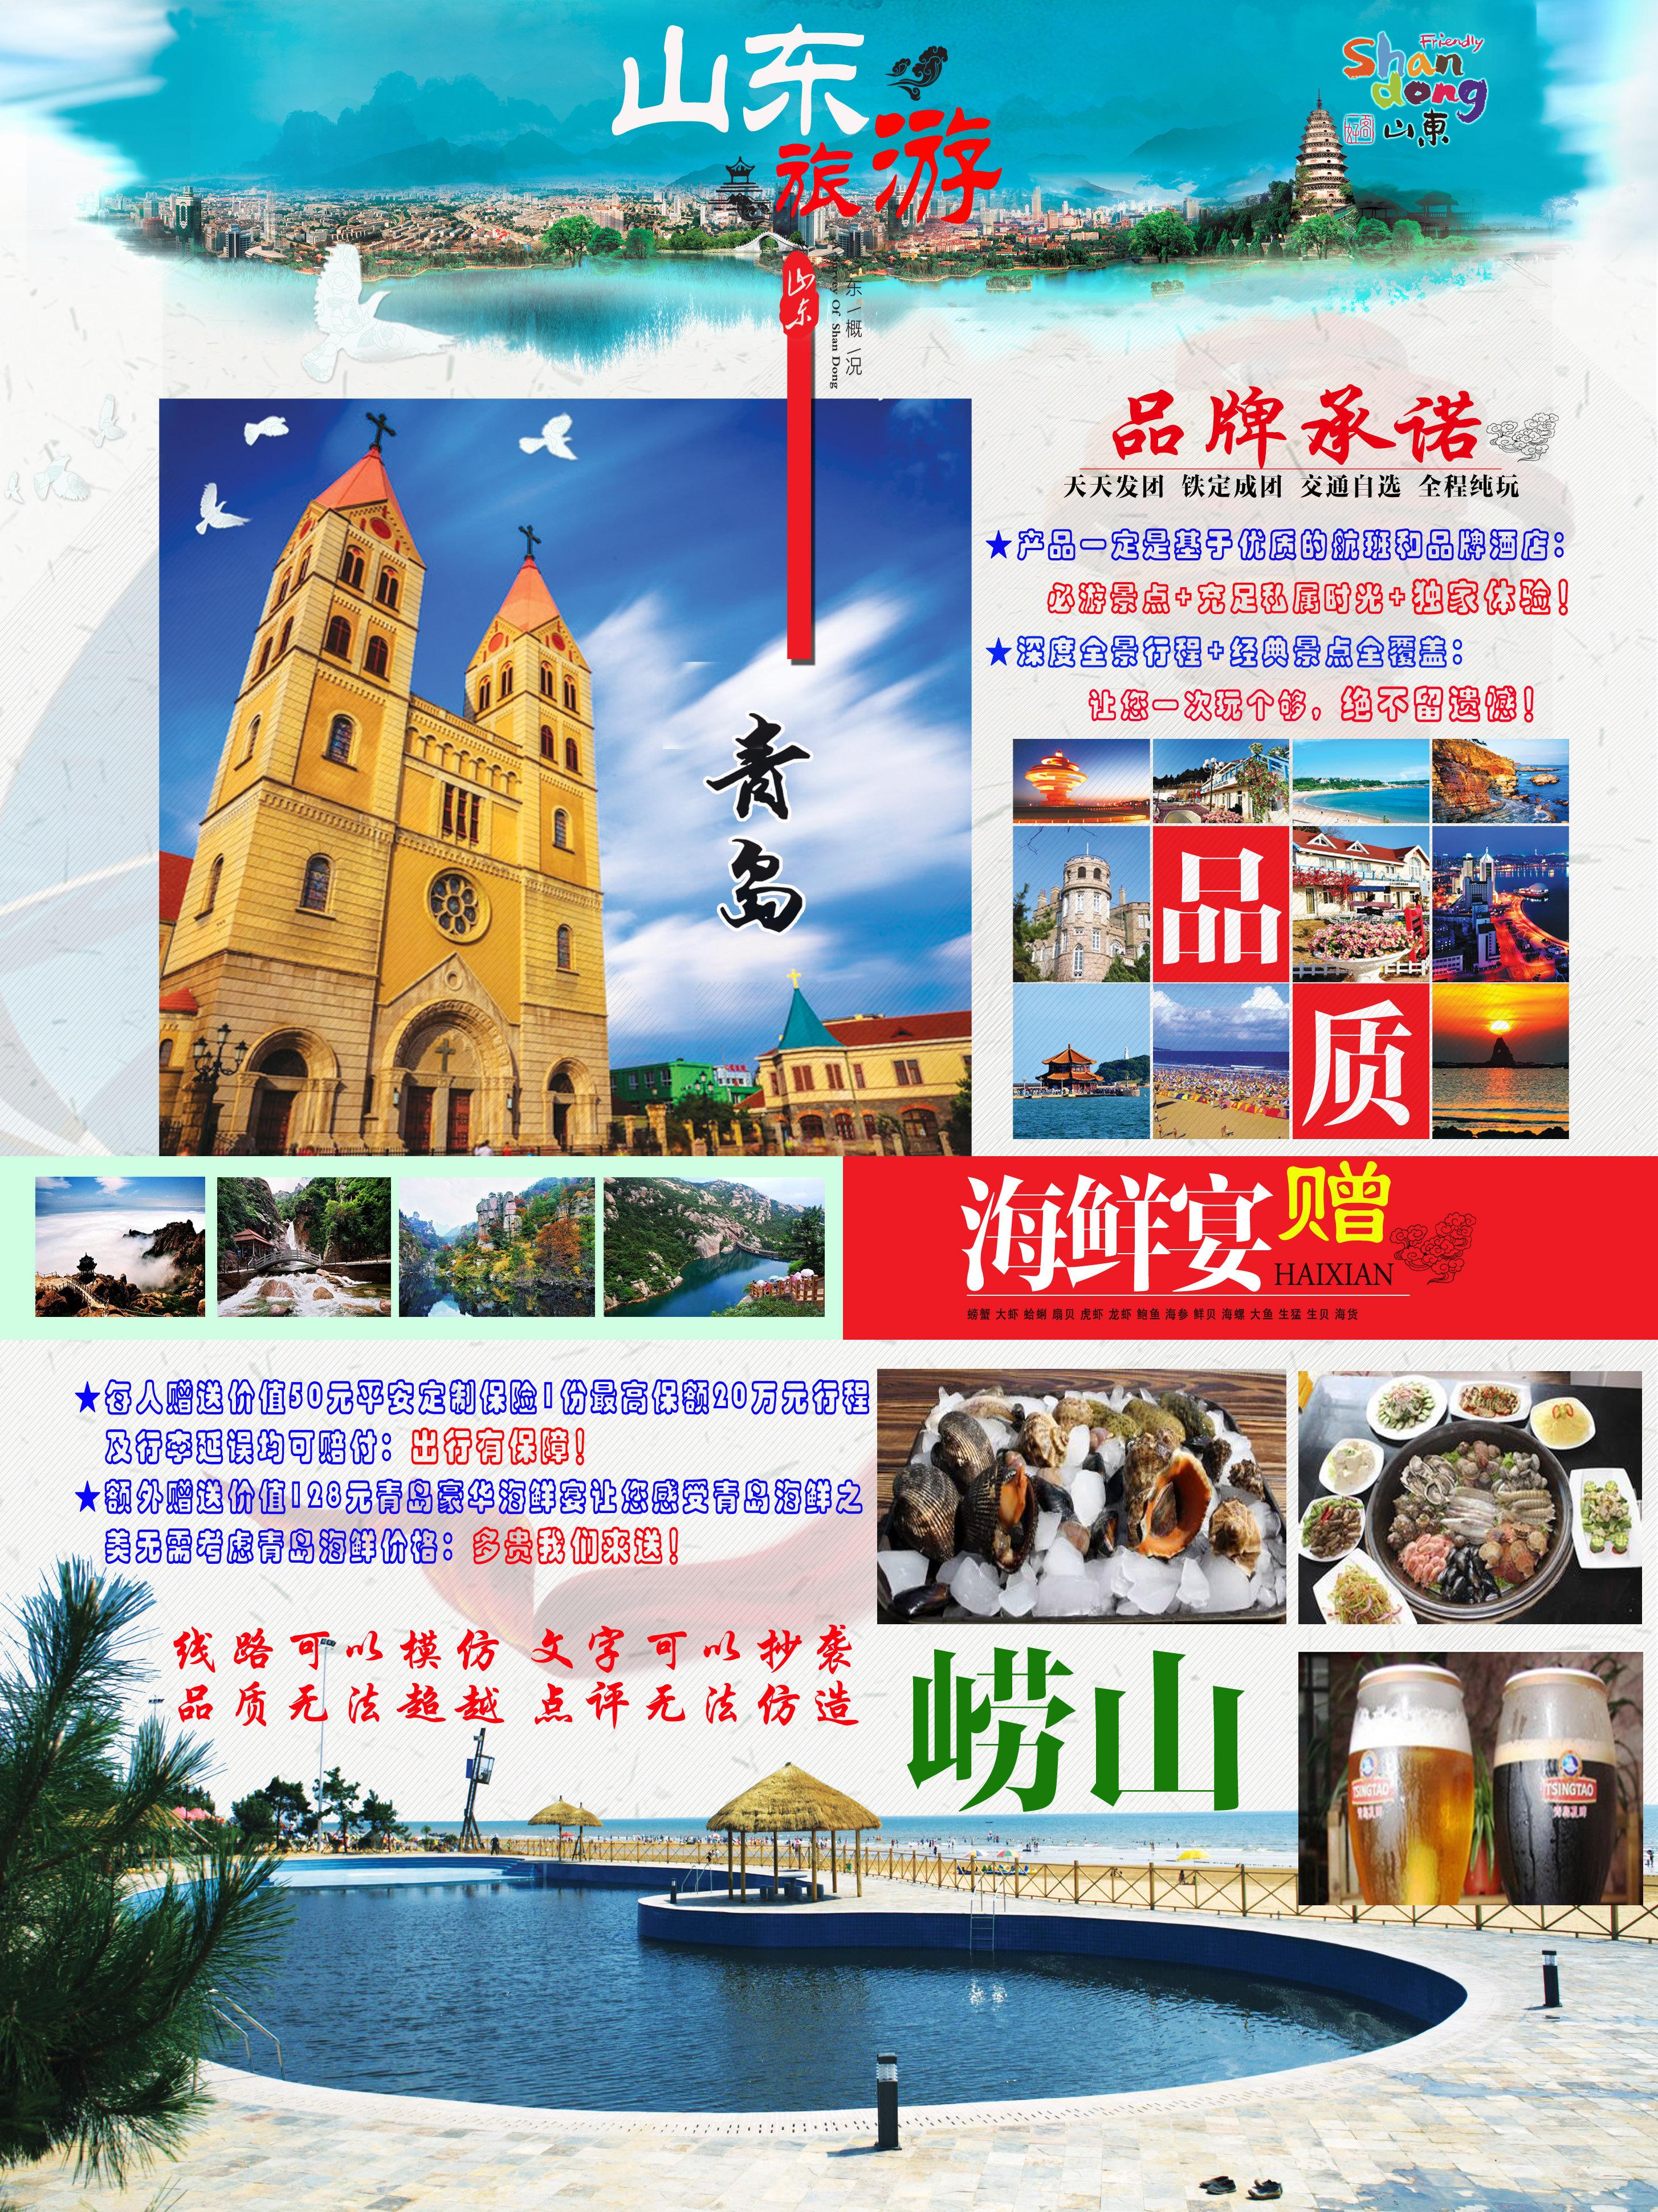 之旅苏绣苏州+蓬莱+烟台+青岛5日4晚跟团游威海美食美食图片